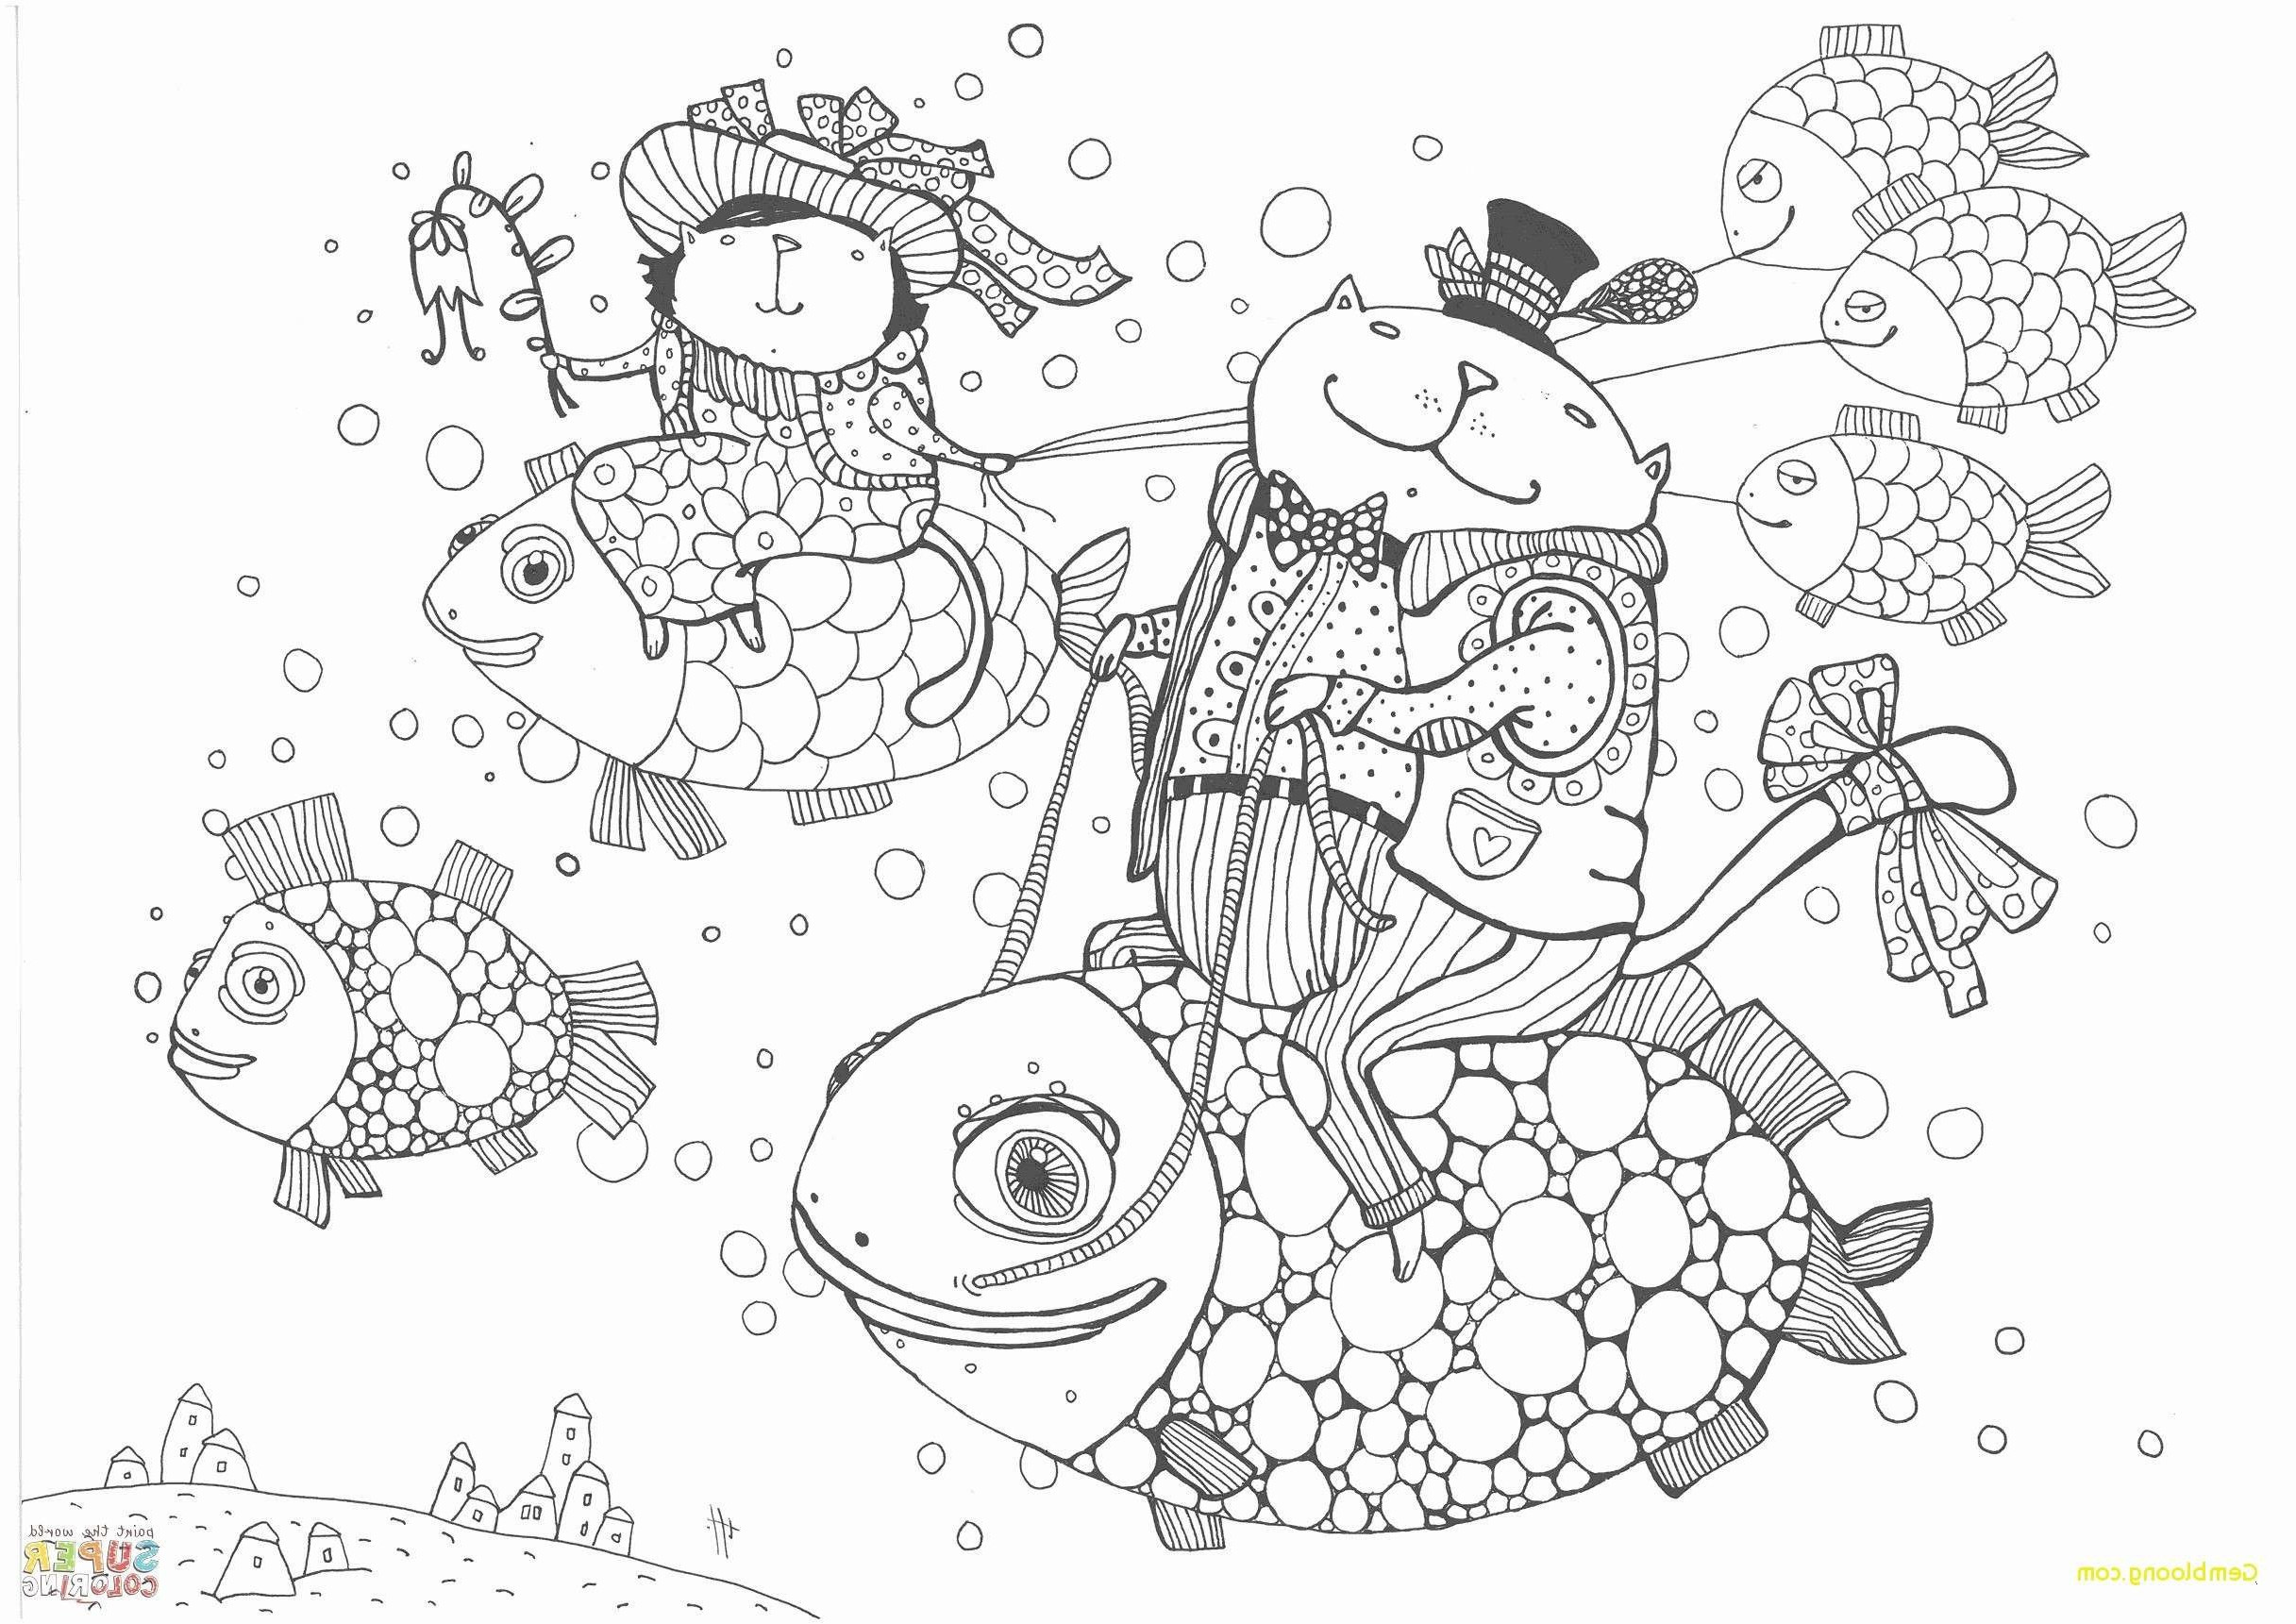 Malvorlagen Weihnachten Schneemann Frisch 33 Beste Von Ausmal – Malvorlagen Ideen Sammlung